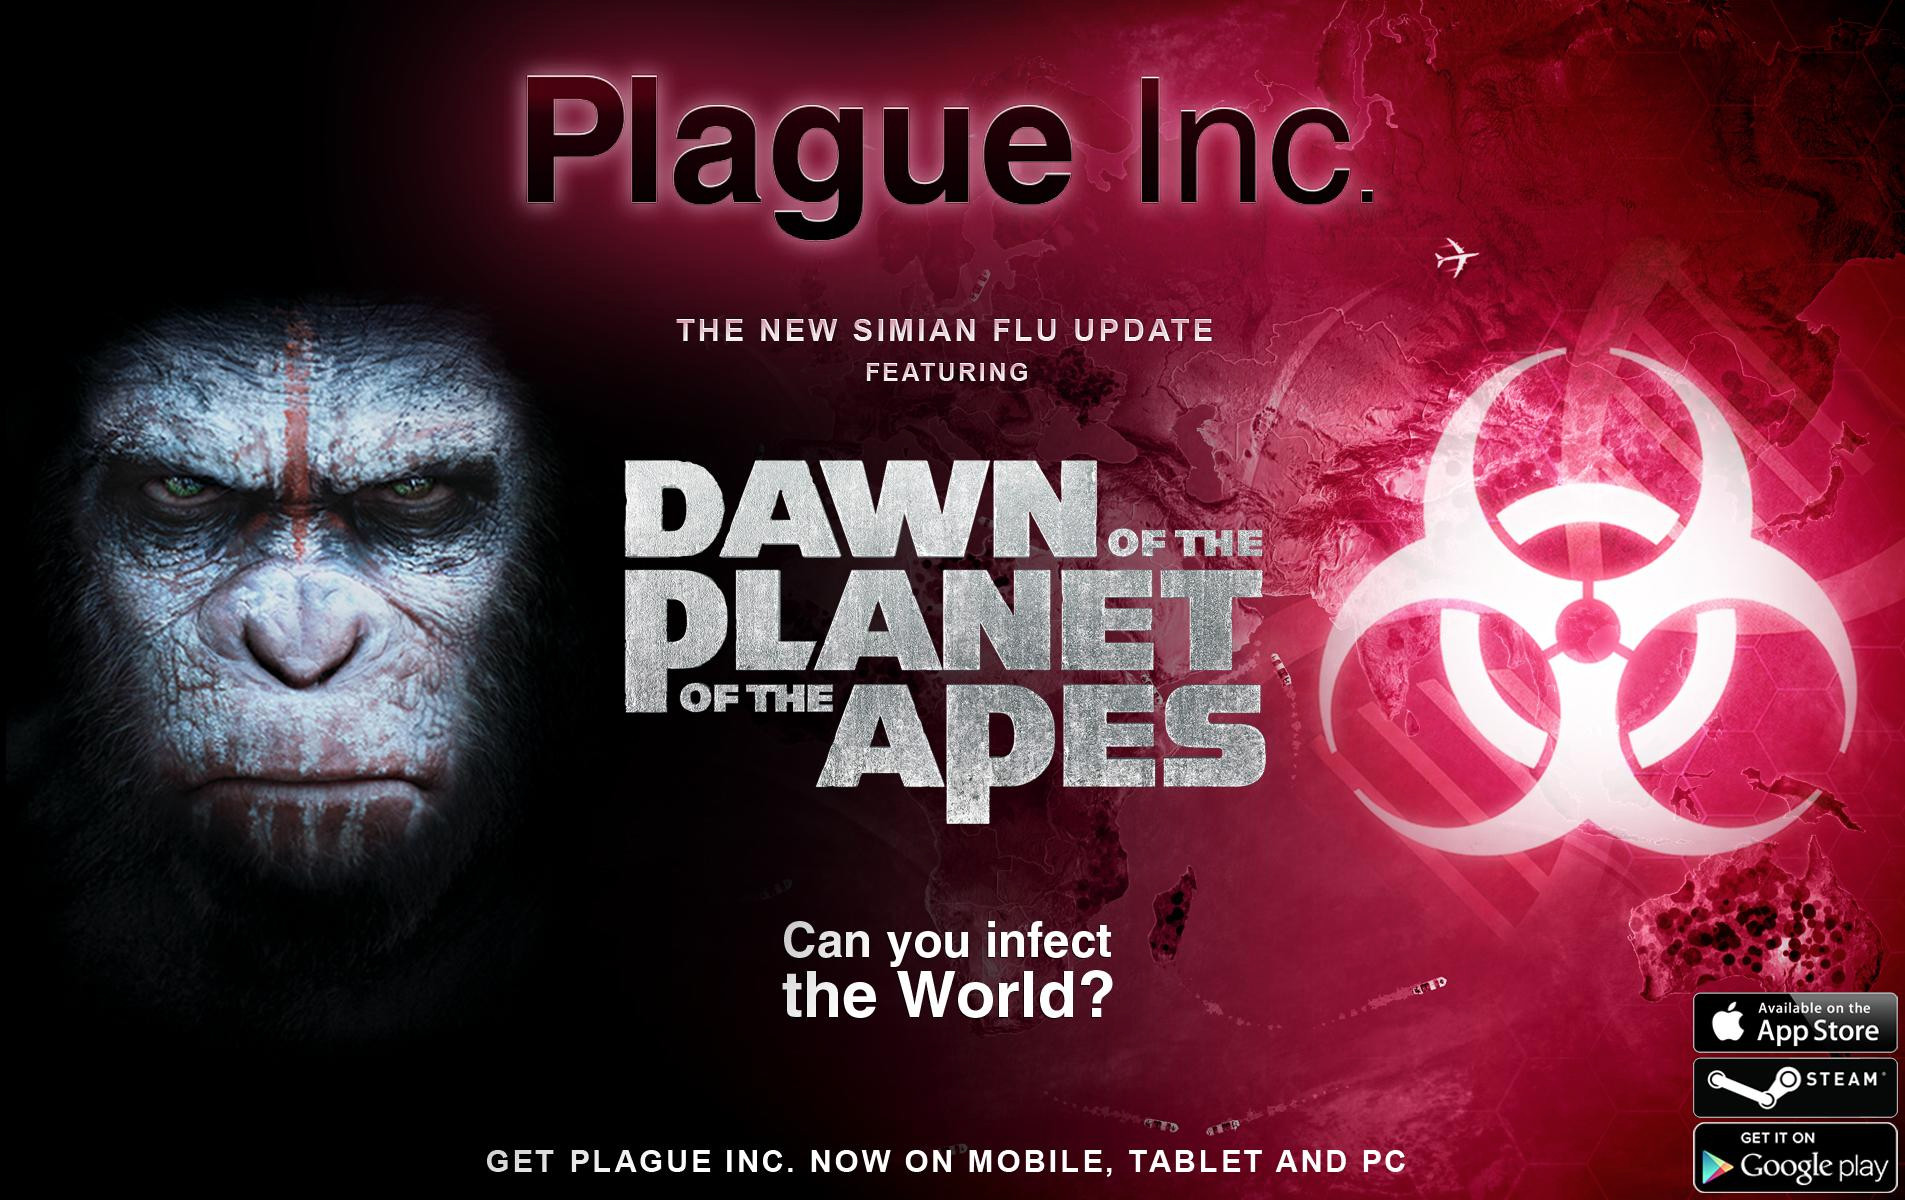 スマホ向け伝染病感染シミュレーションゲーム「Plague Inc. -伝染病株式会社-」、映画「DAWN OF THE PLANET OF THE APES」とコラボ1